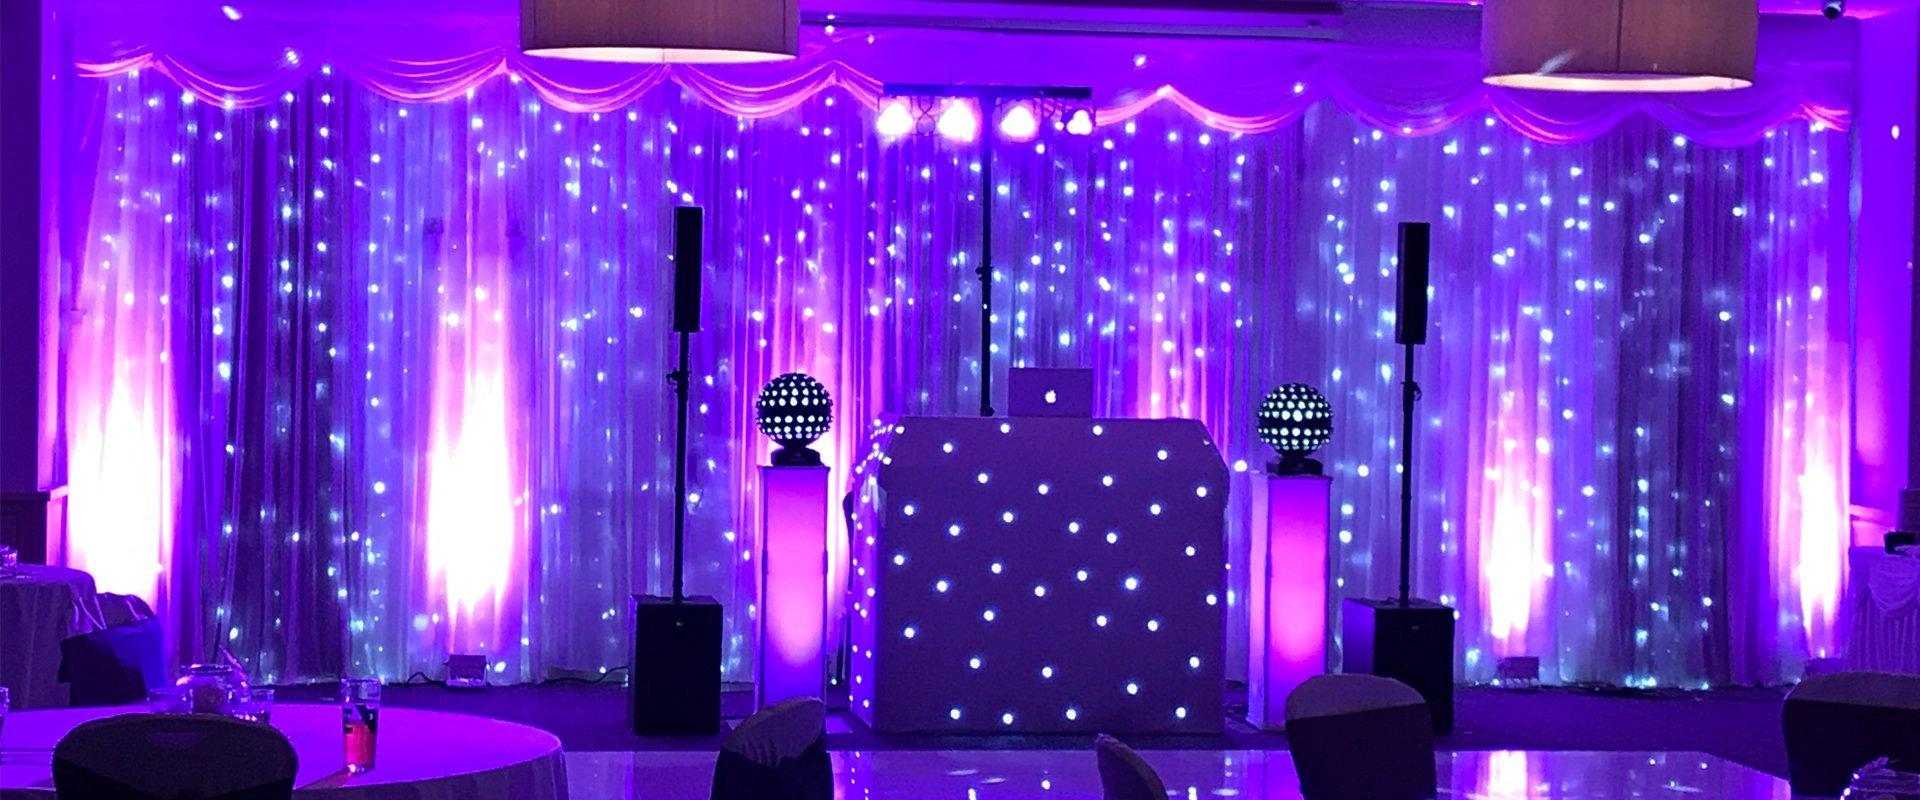 purple lights stage